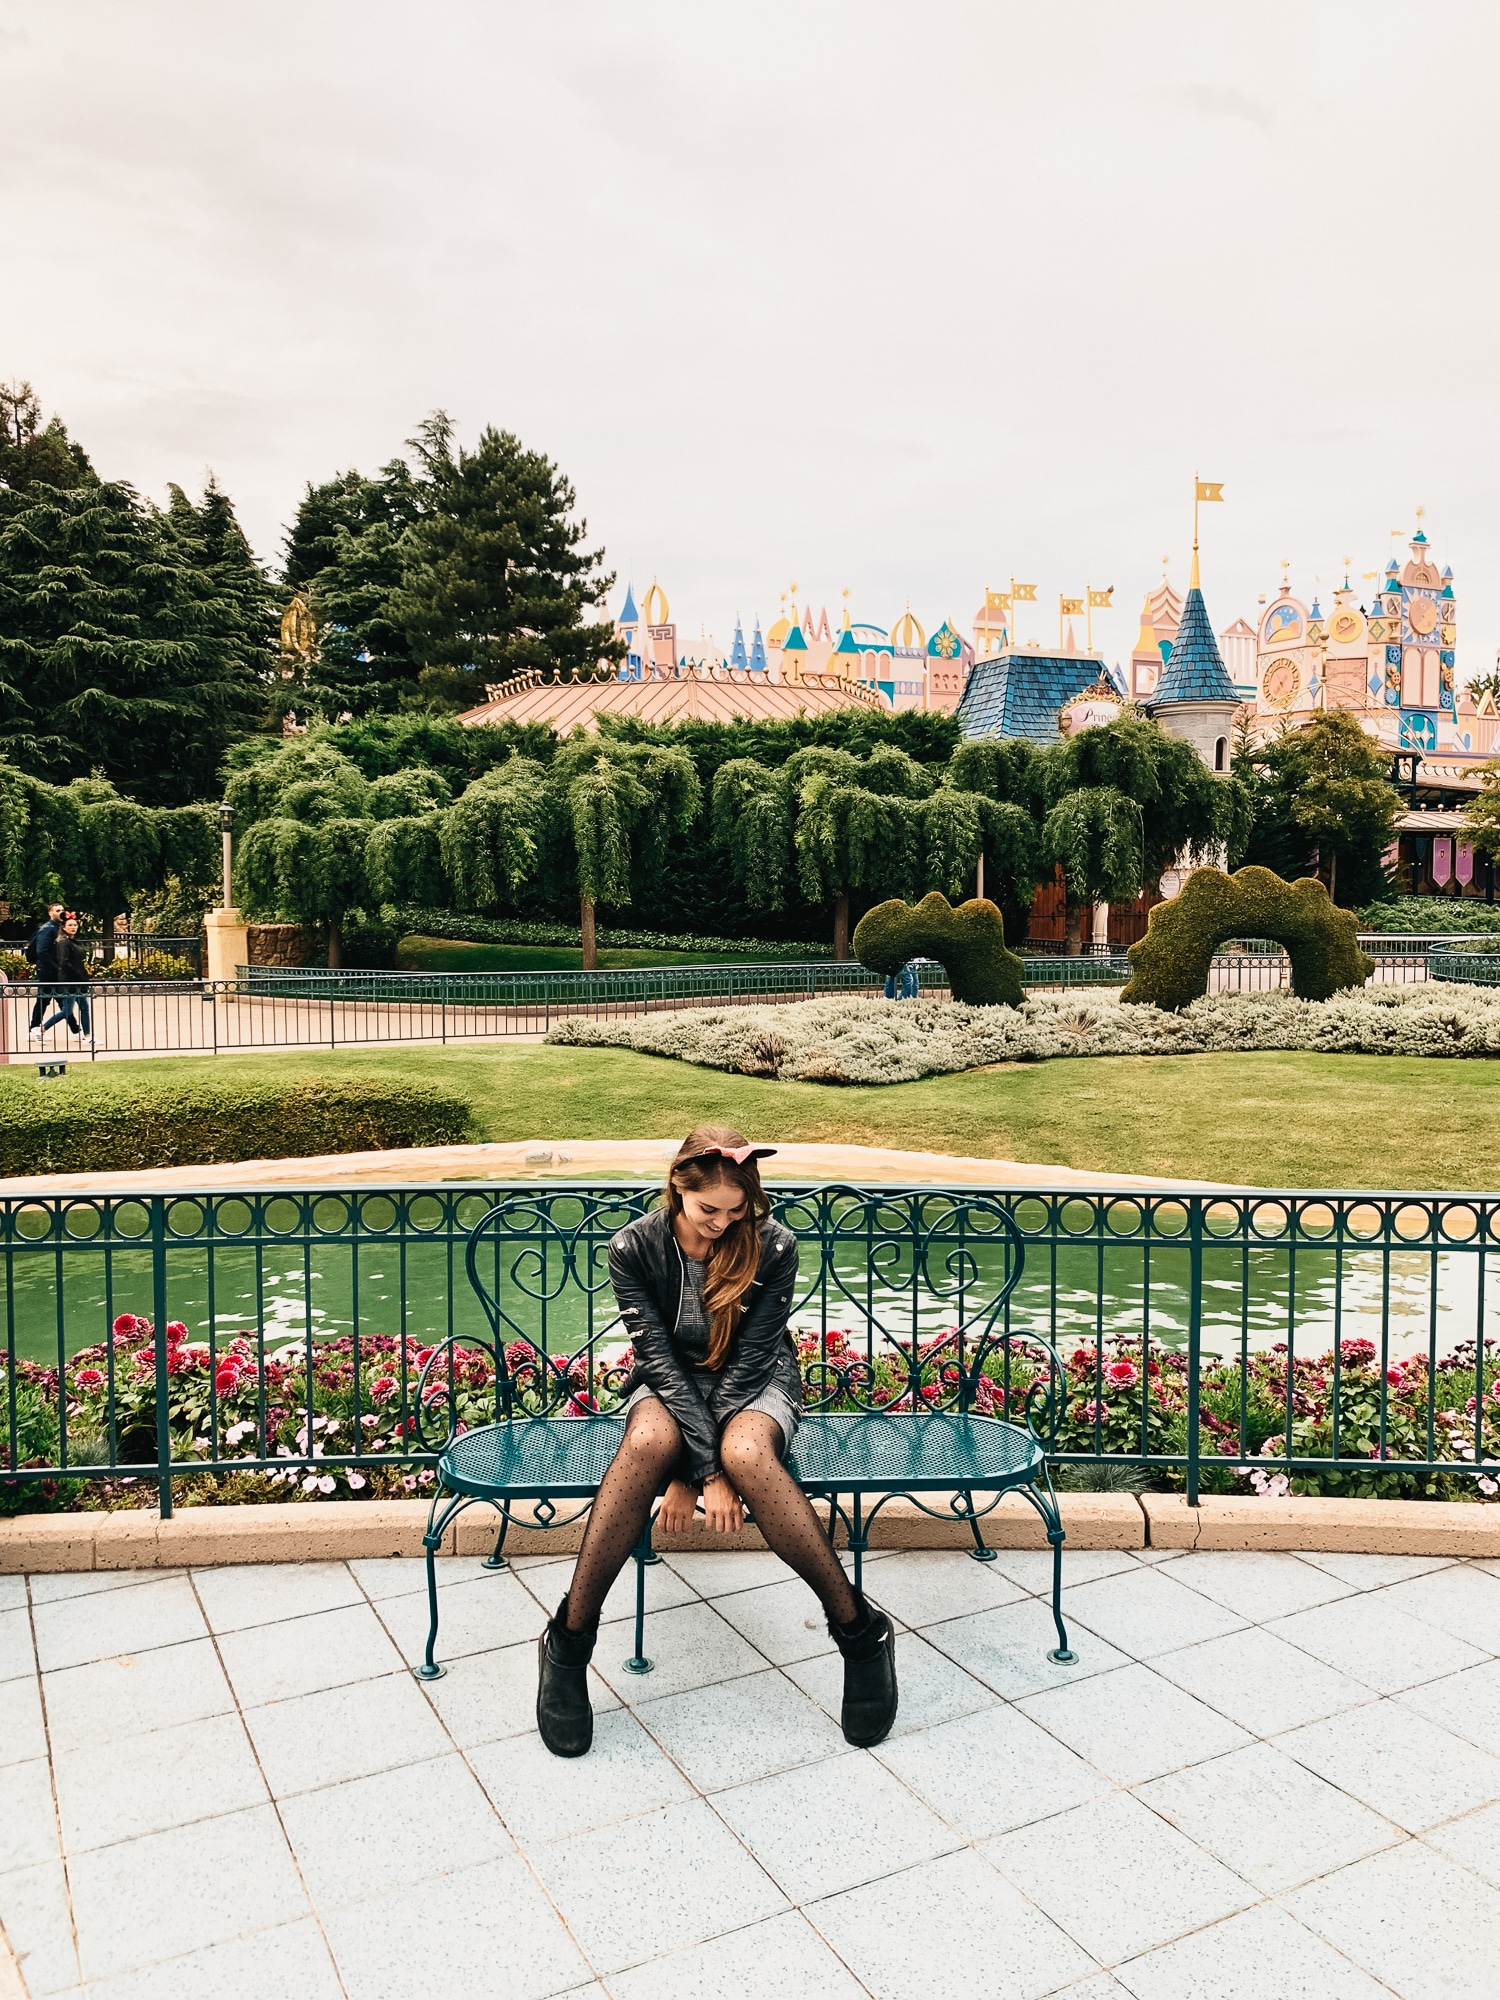 Disneyland Paris Tipps: 10 tolle Hacks für den glücklichsten Ort der Welt - It's a Small world